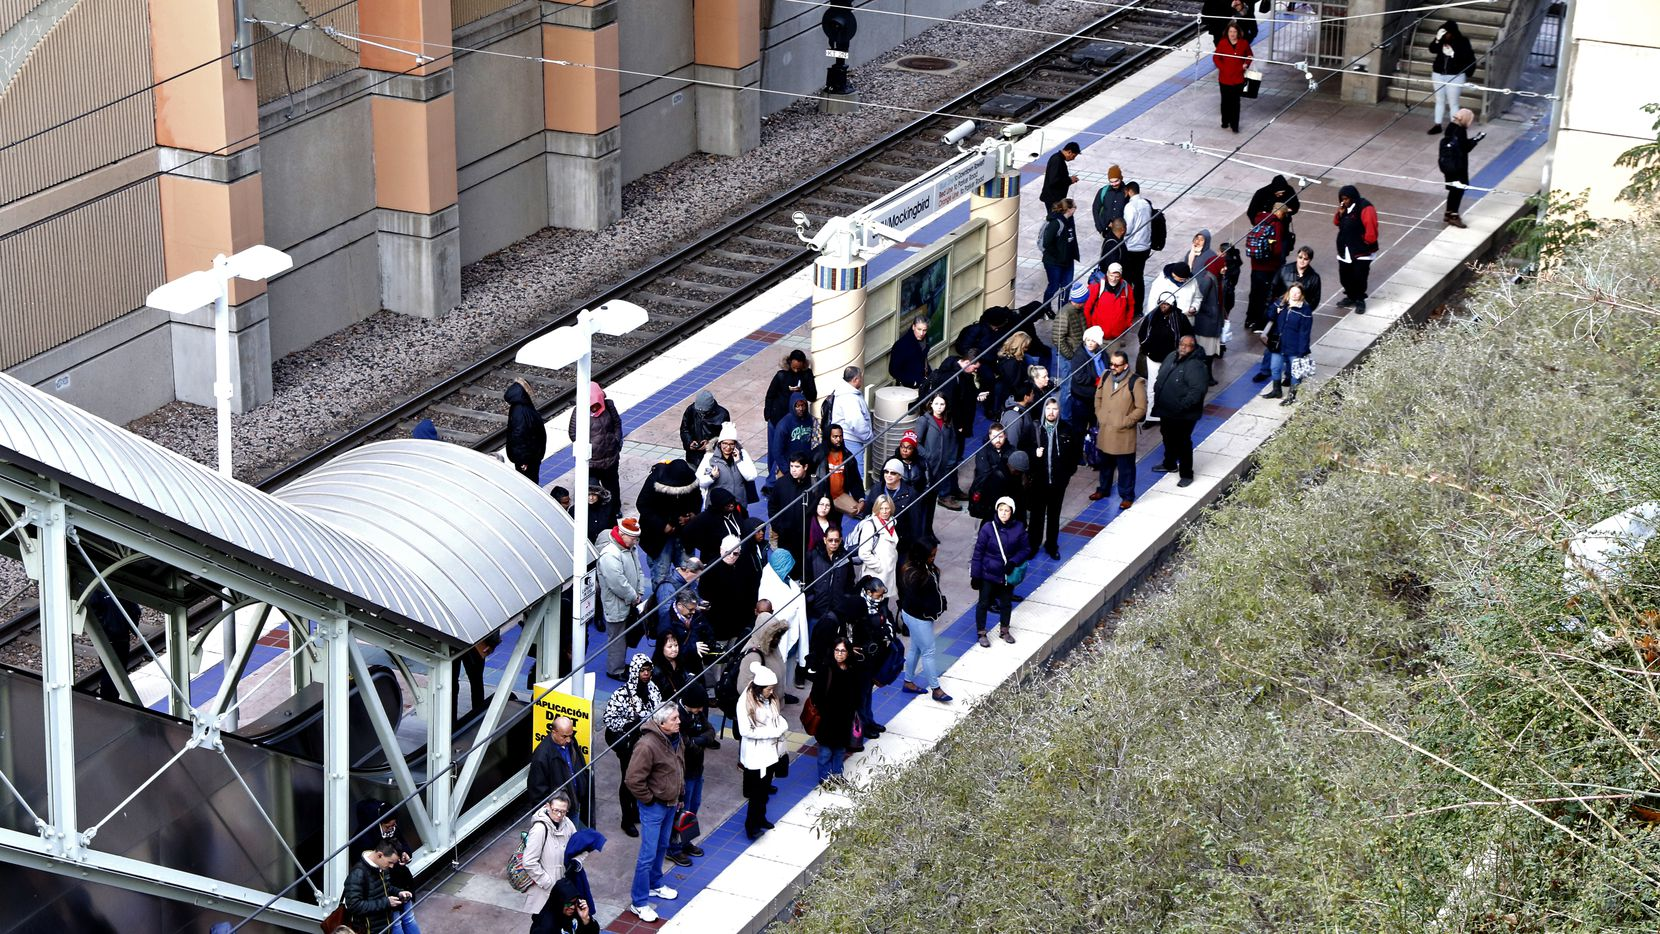 Decenas de pasajeros del DART experimentaron retrasos debido a los problemas en el DART. Muchos tuvieron que abordar autobuses.